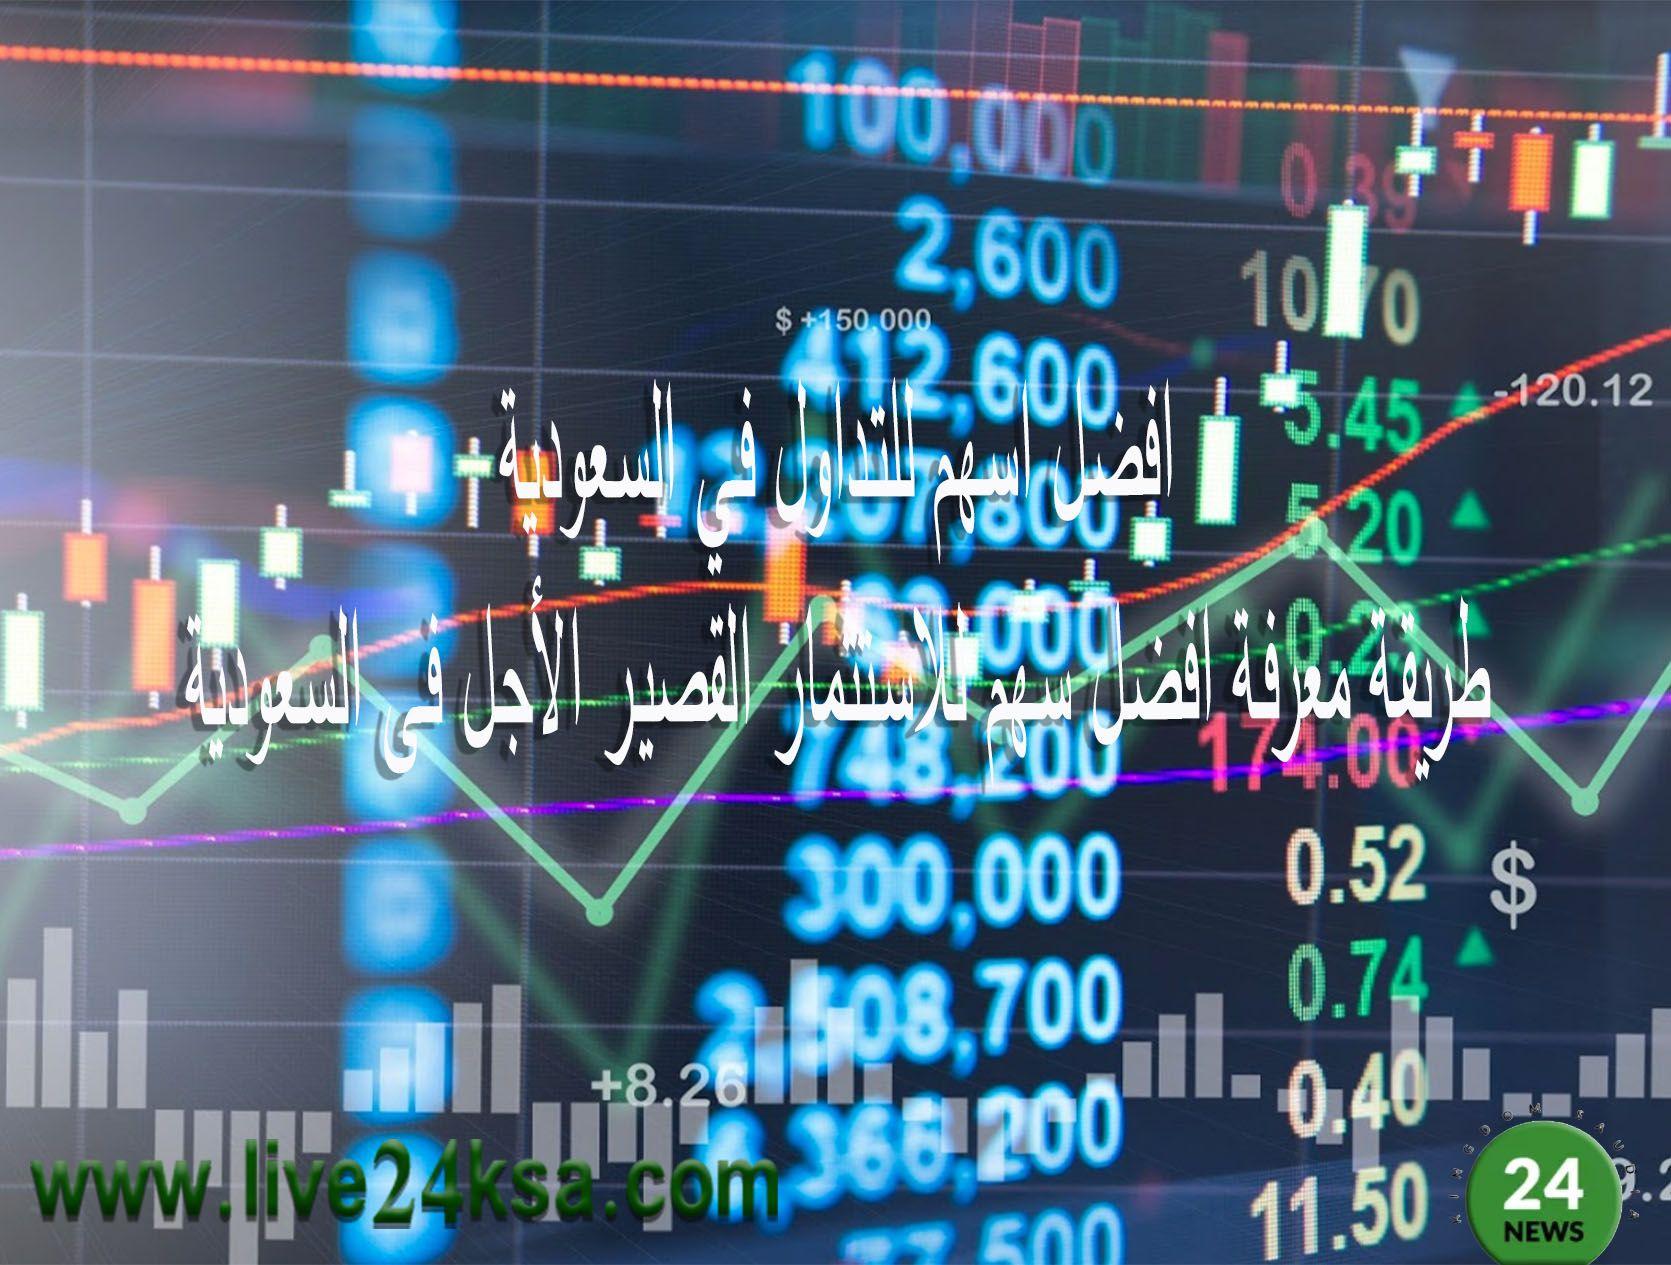 افضل اسهم للتداول في السعودية طريقة معرفة افضل سهم للاستثمار القصير الأجل فى السعودية Neon Signs Trading